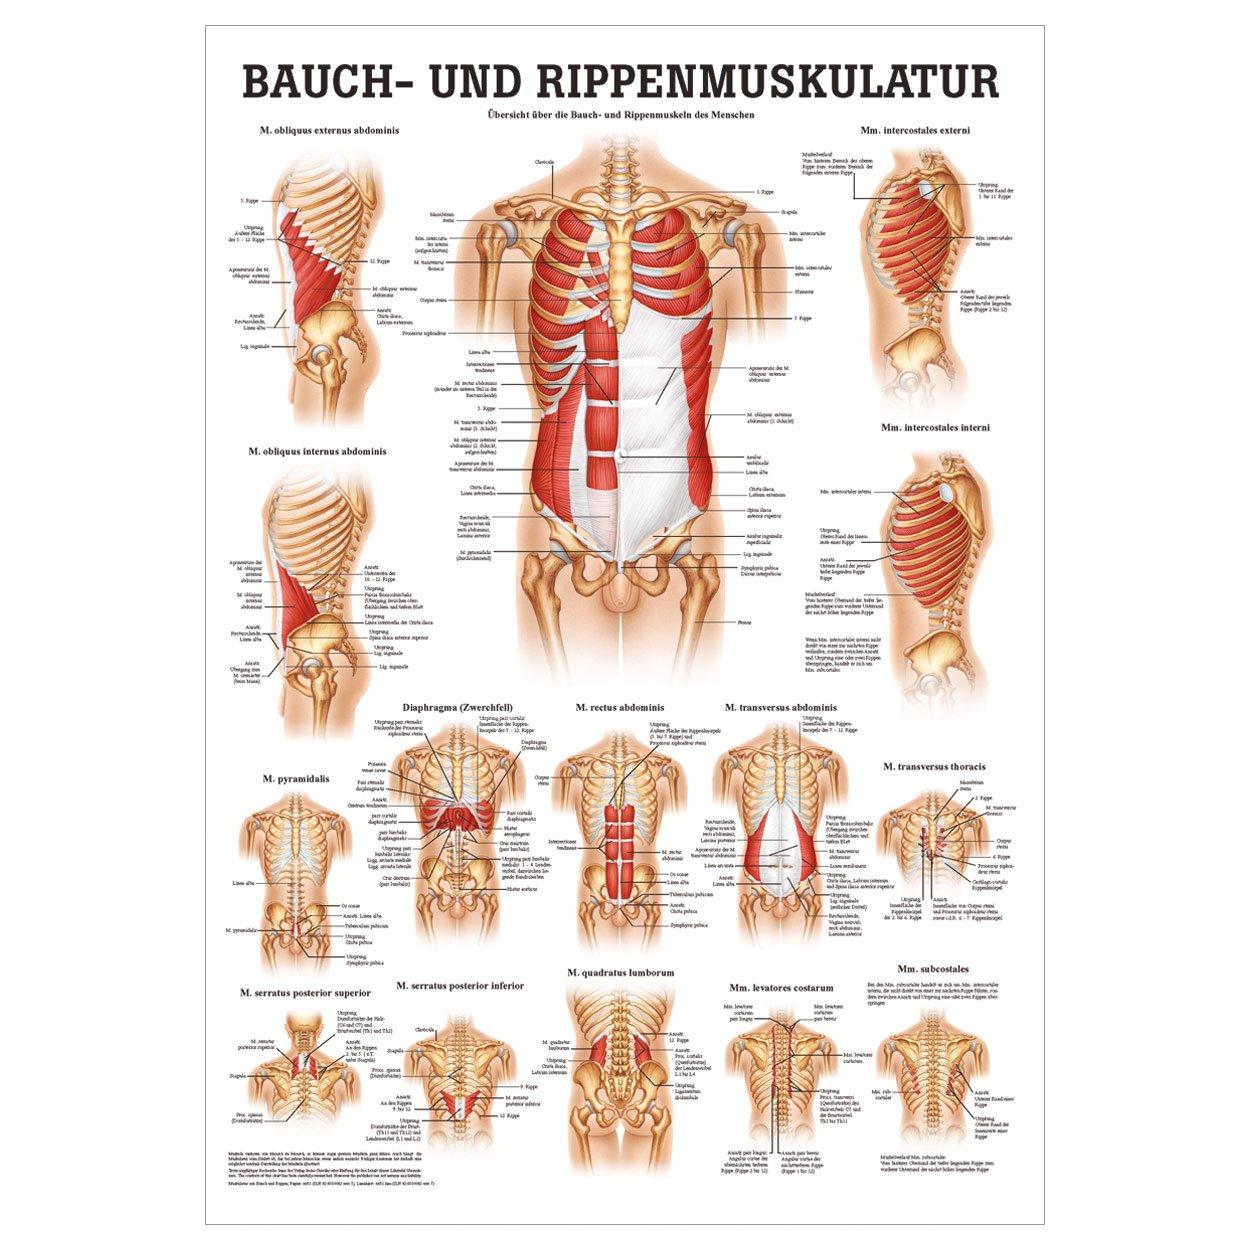 Wunderbar Bild Von Bauch Anatomie Zeitgenössisch - Anatomie Ideen ...